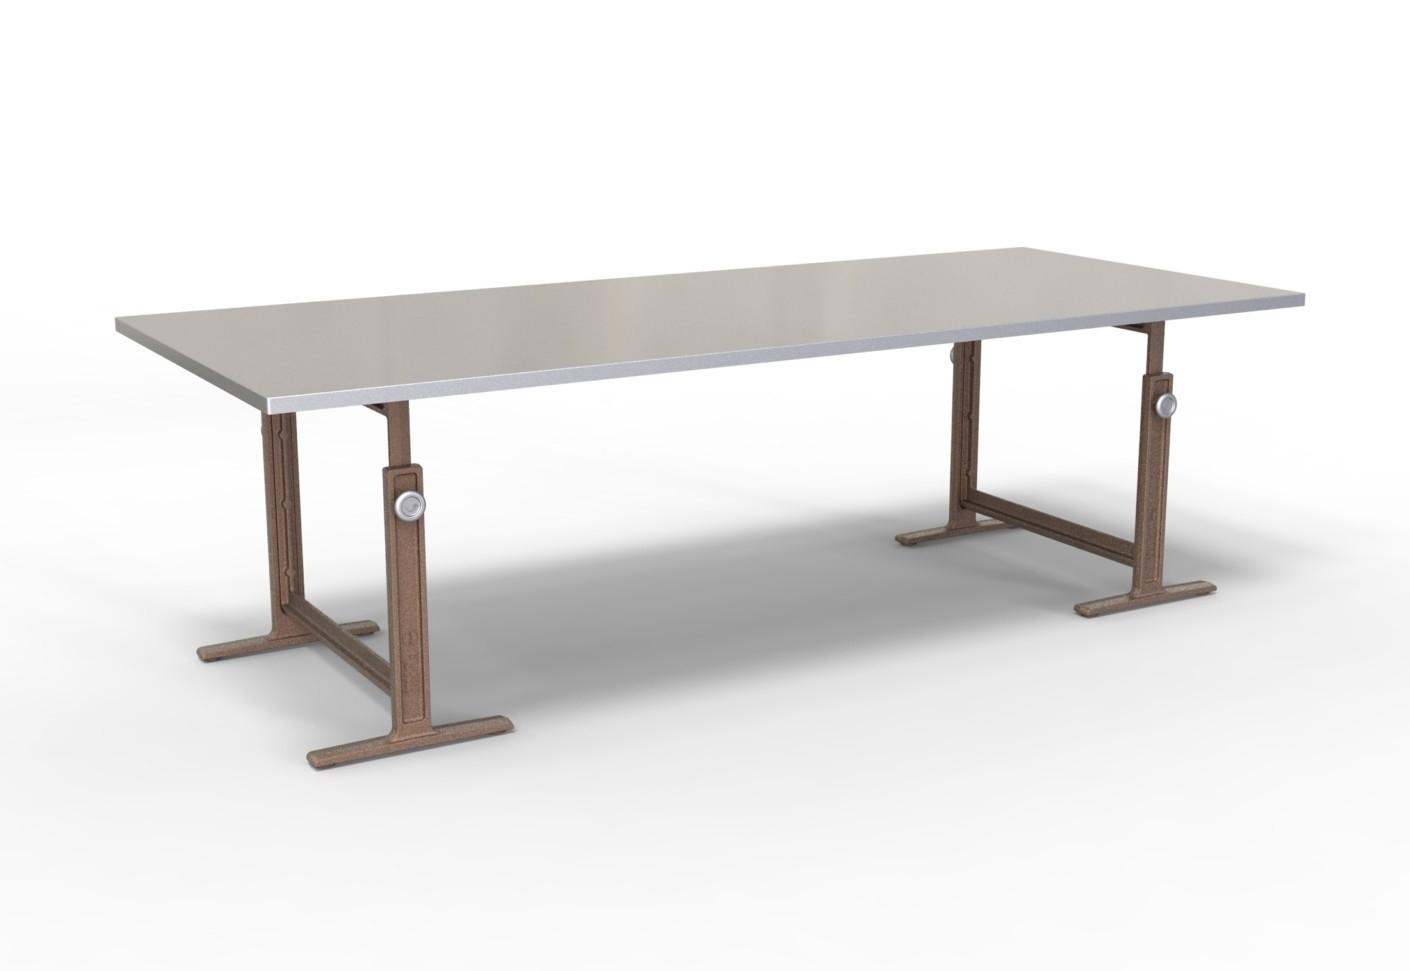 Schragen tafel cheap tafel schragen lystrup industriele tafel van